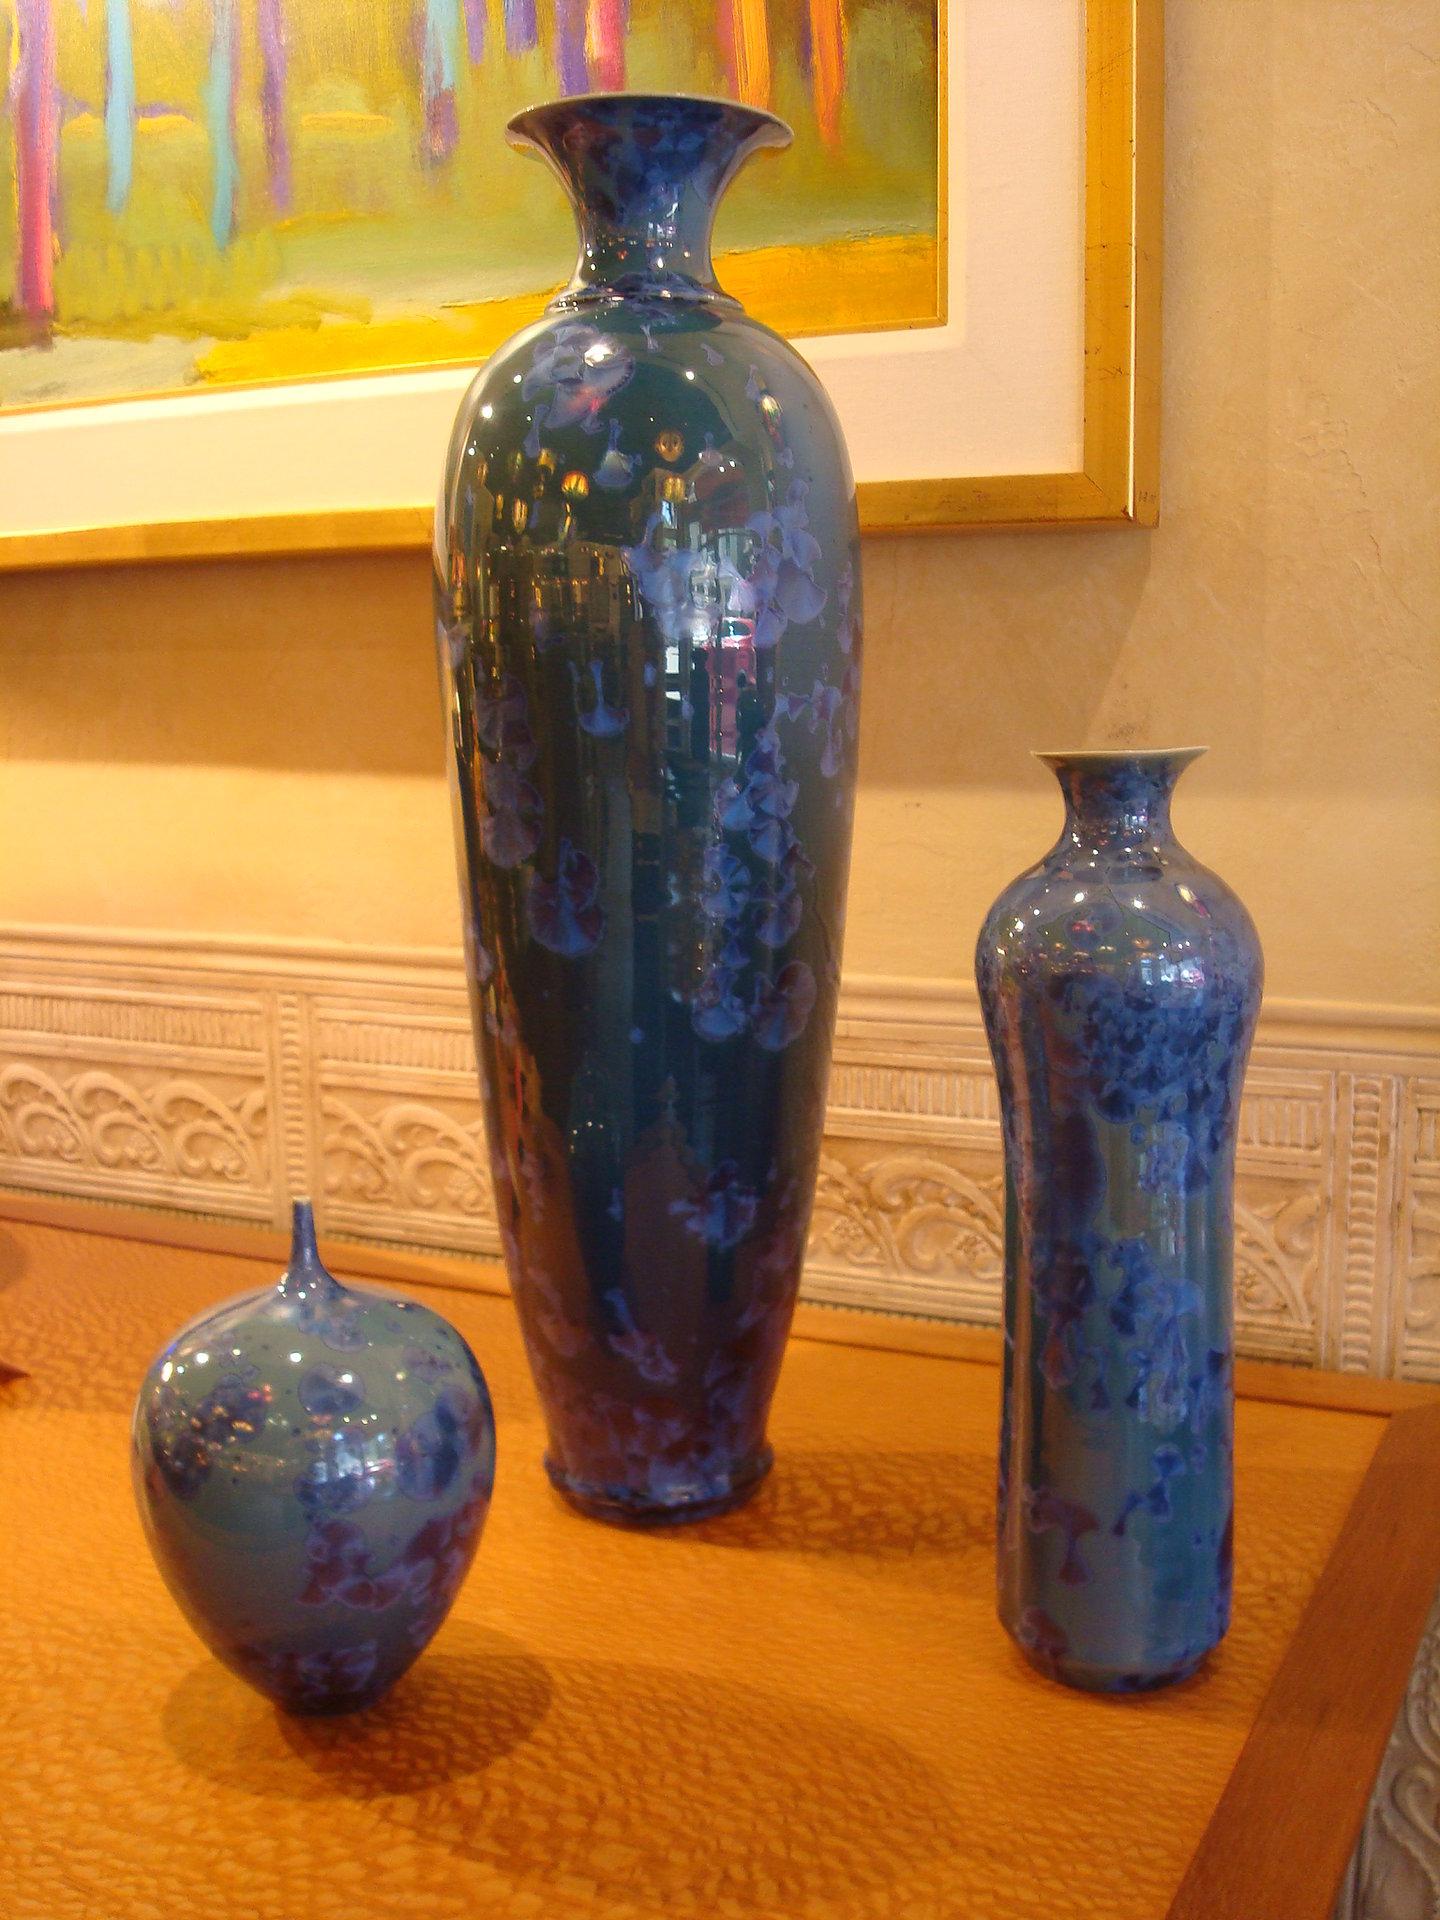 Sapphire vases